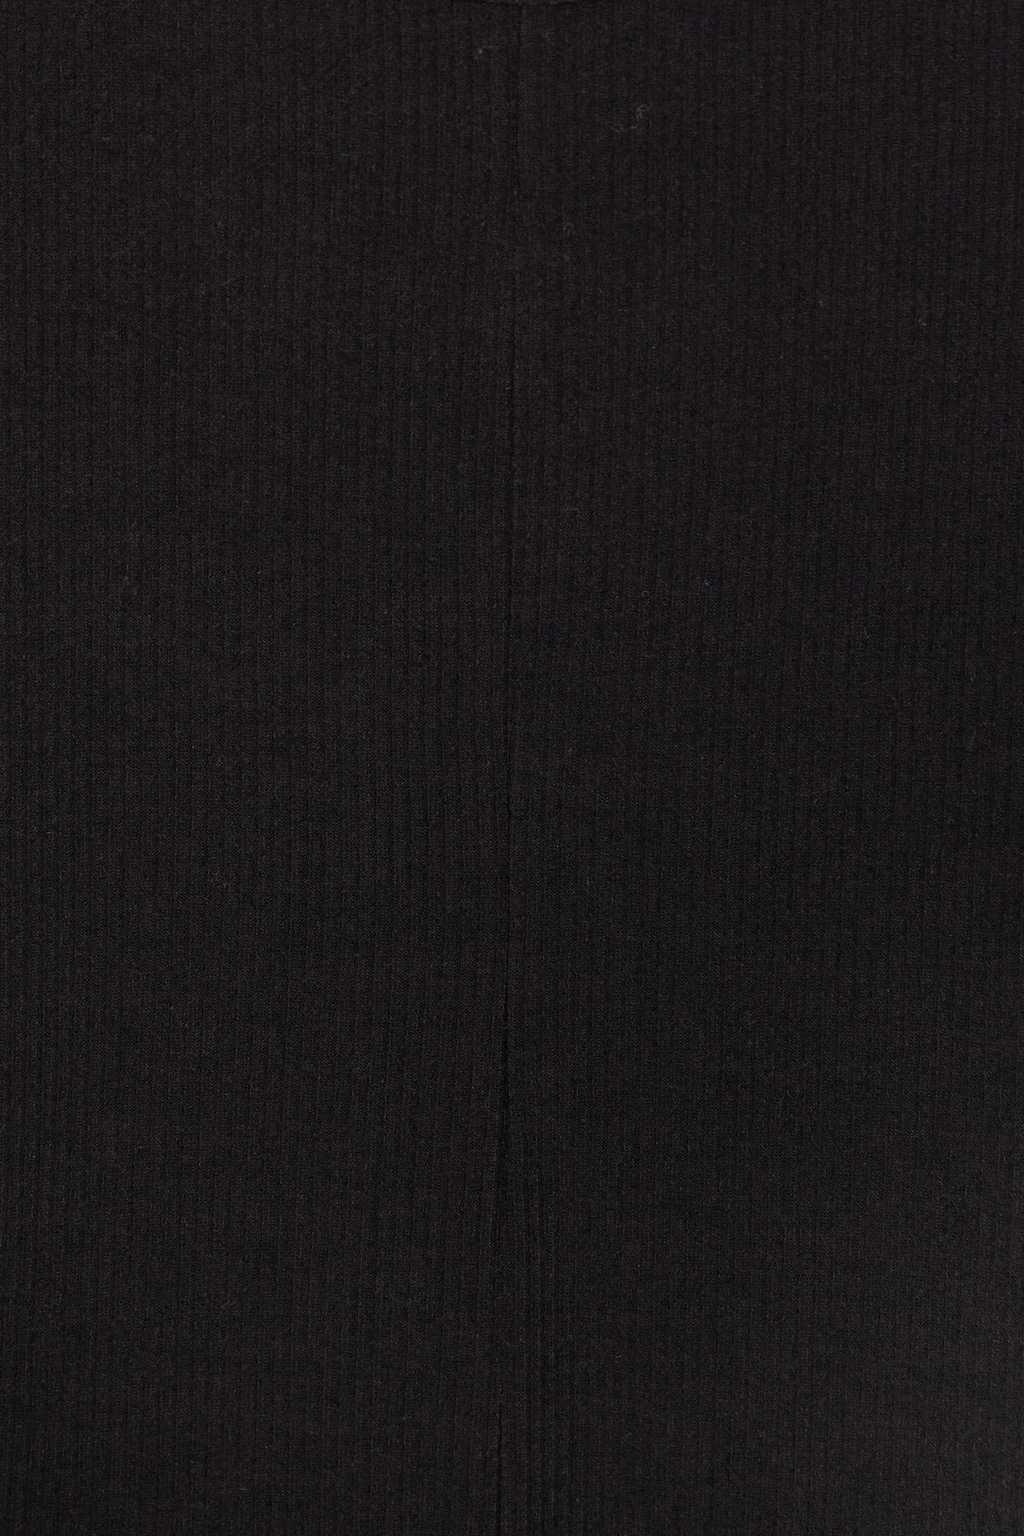 TShirt 3426 Black 8